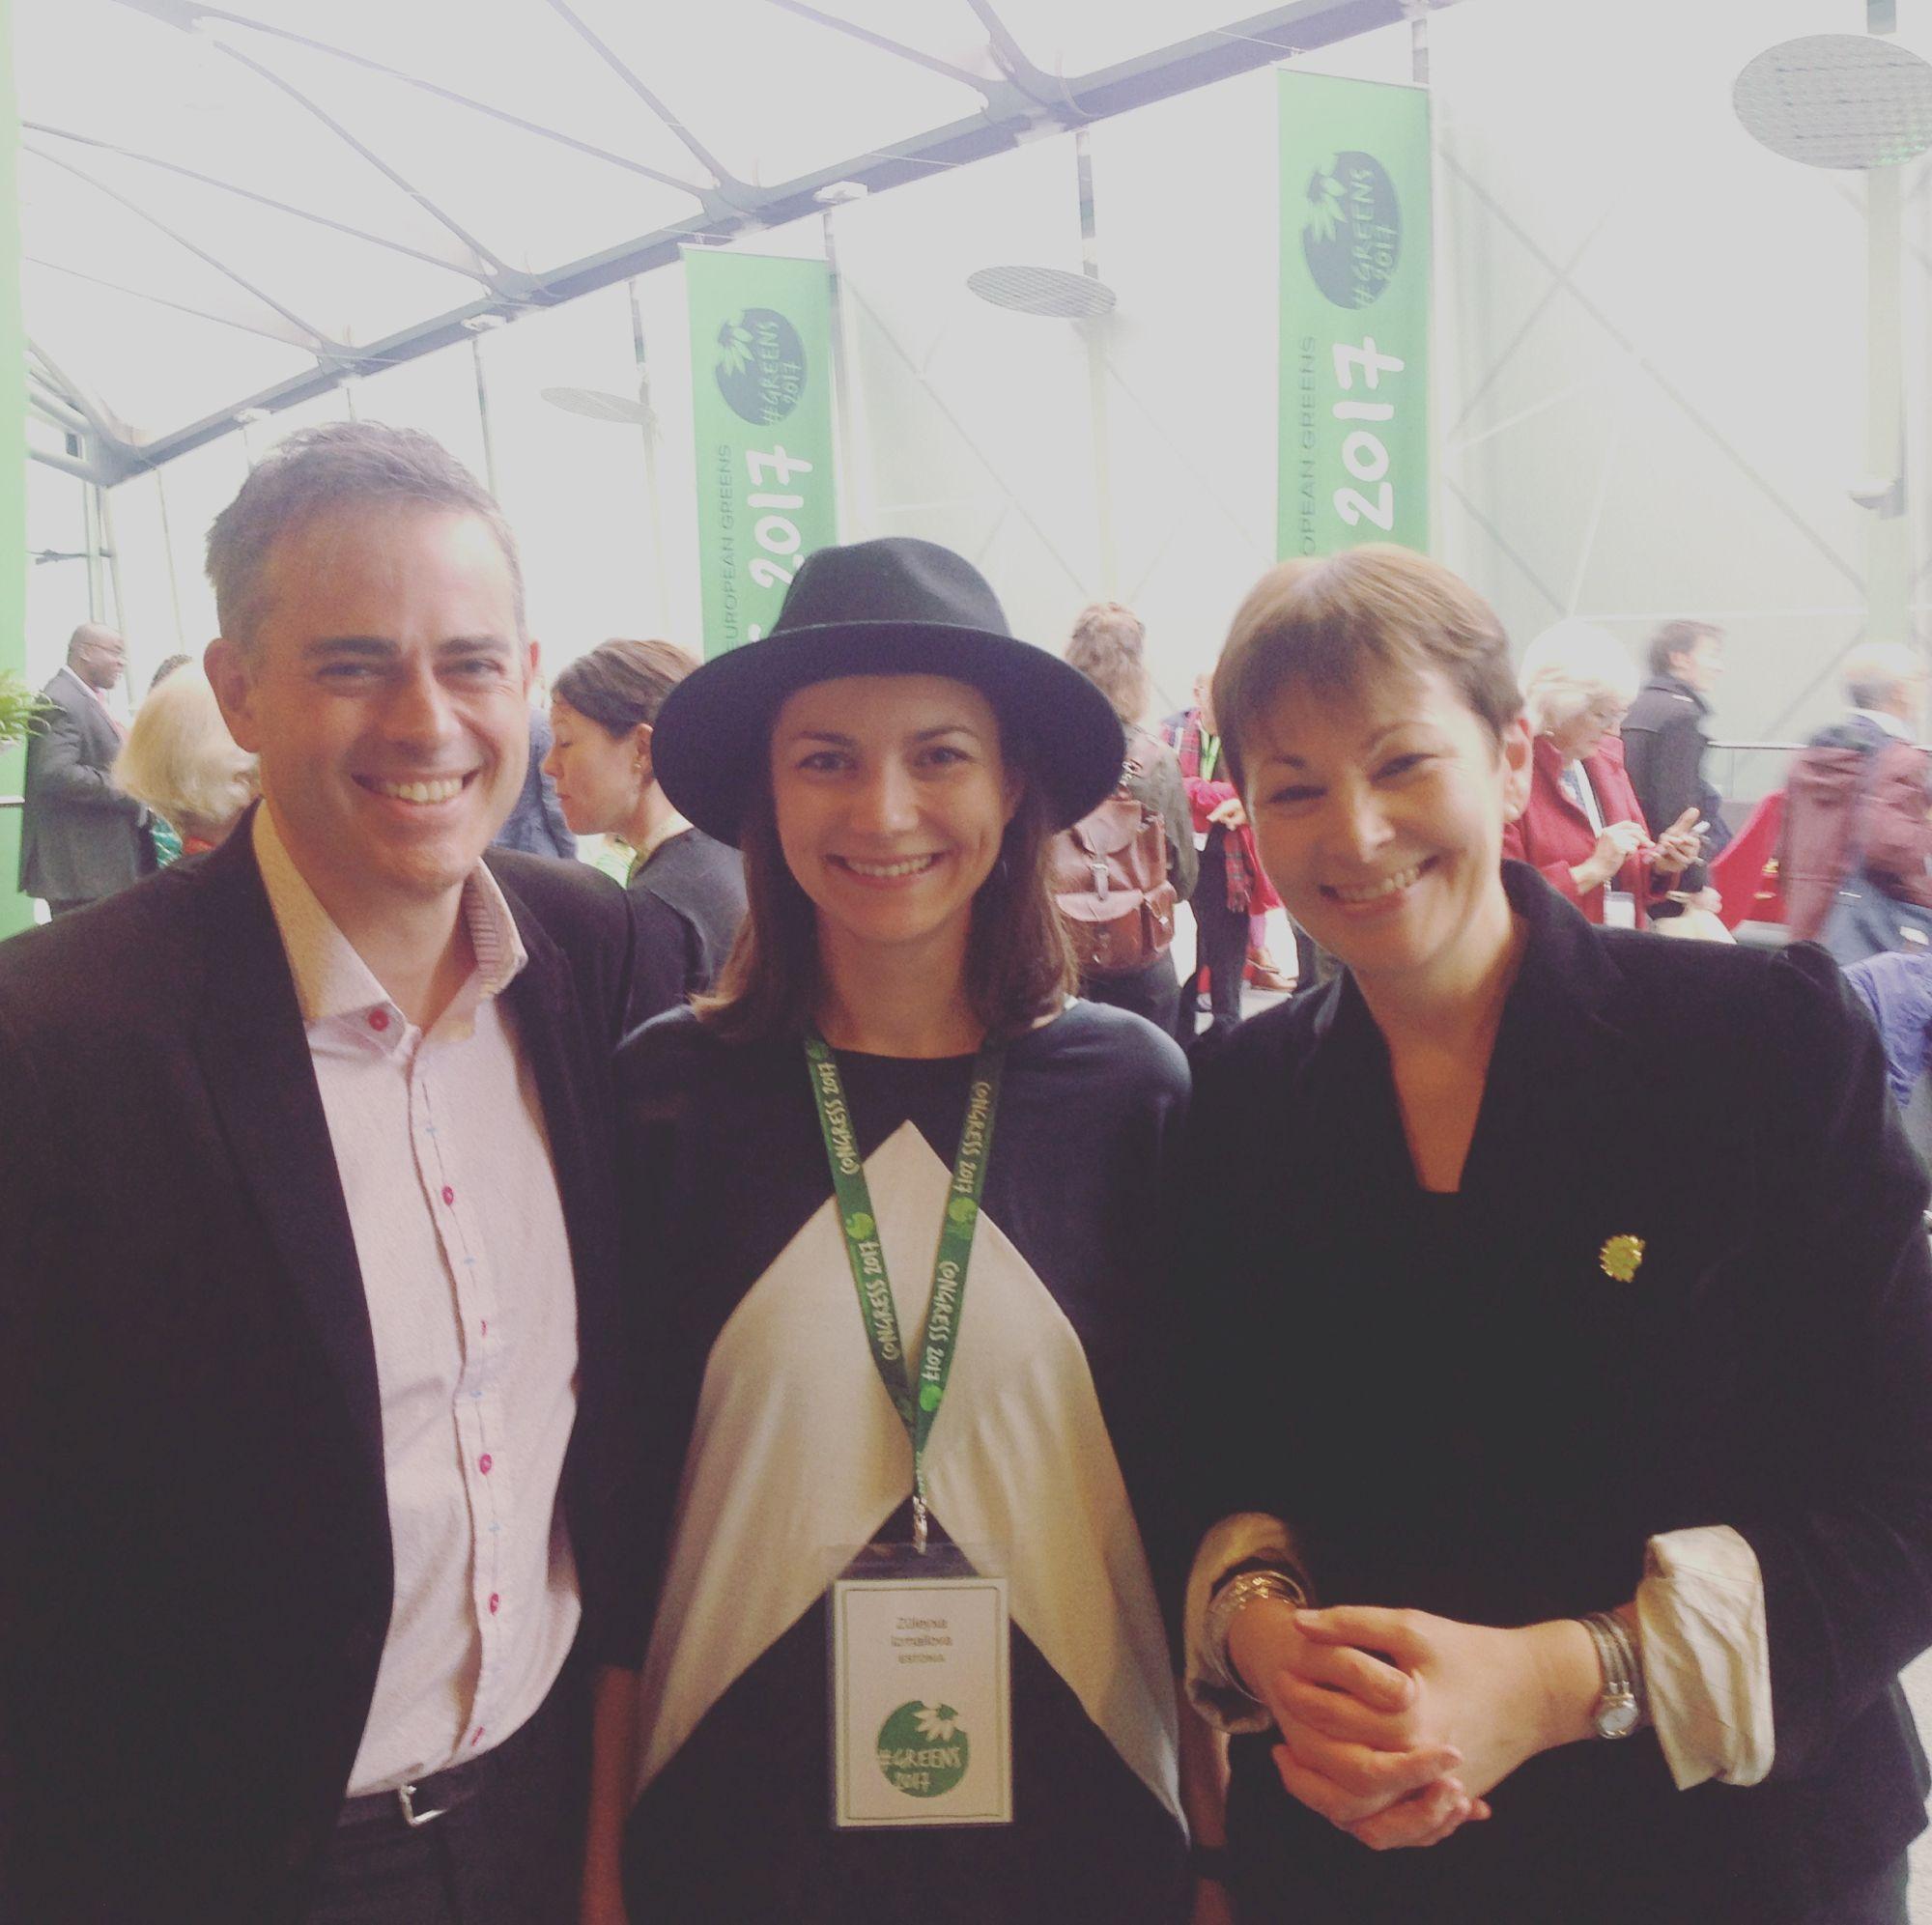 Z.Izmailova Maailma Roheliste 2017 kongressil Liverpoolis koos Suurbritannia Roheliste kaasjuhtide Caroline Lucase ja Jonathan Bartleyga